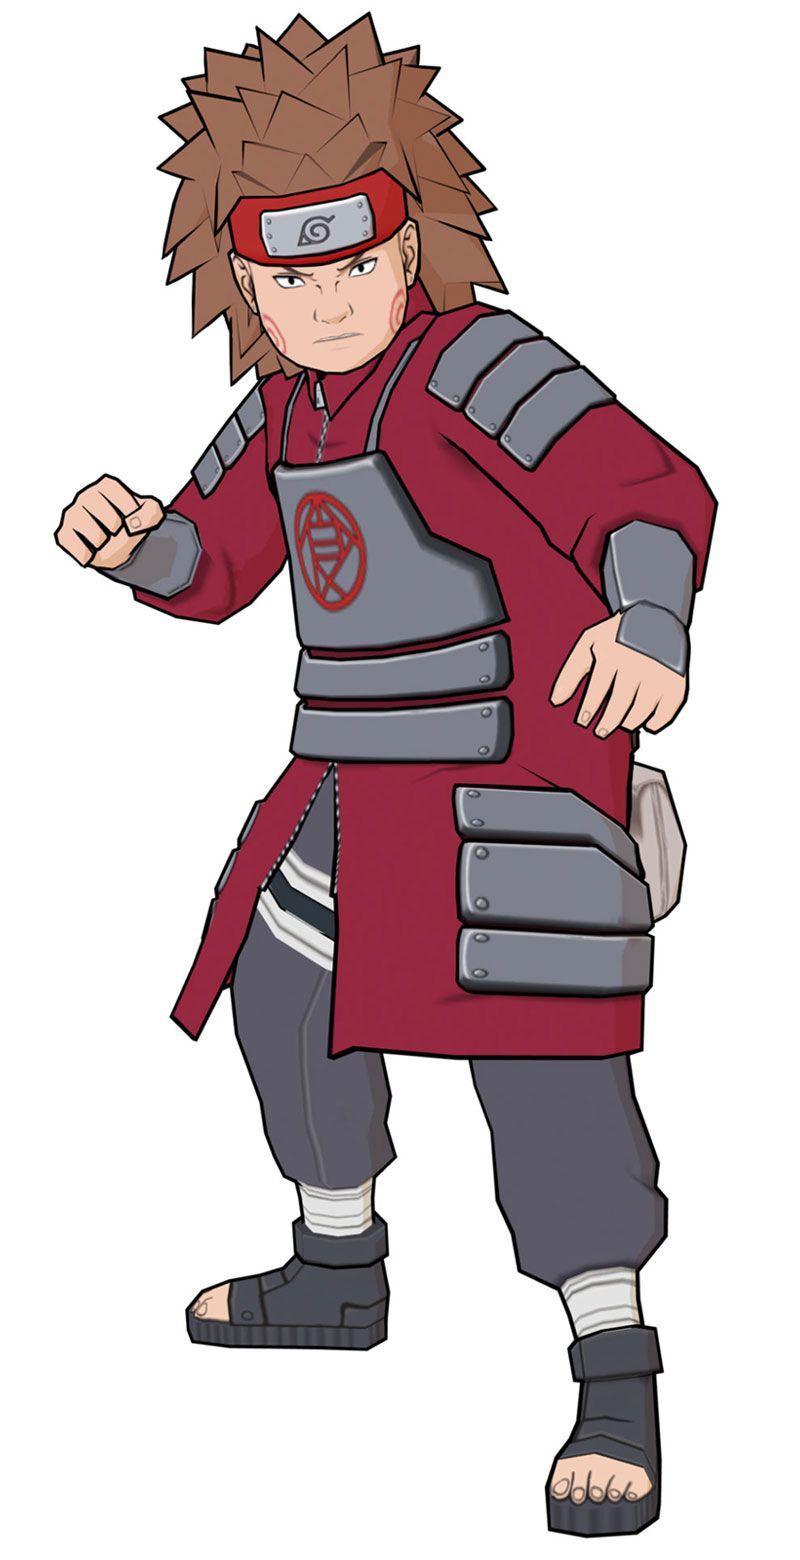 Naruto - The Way Of Naruto - Choji Nextgen de choji